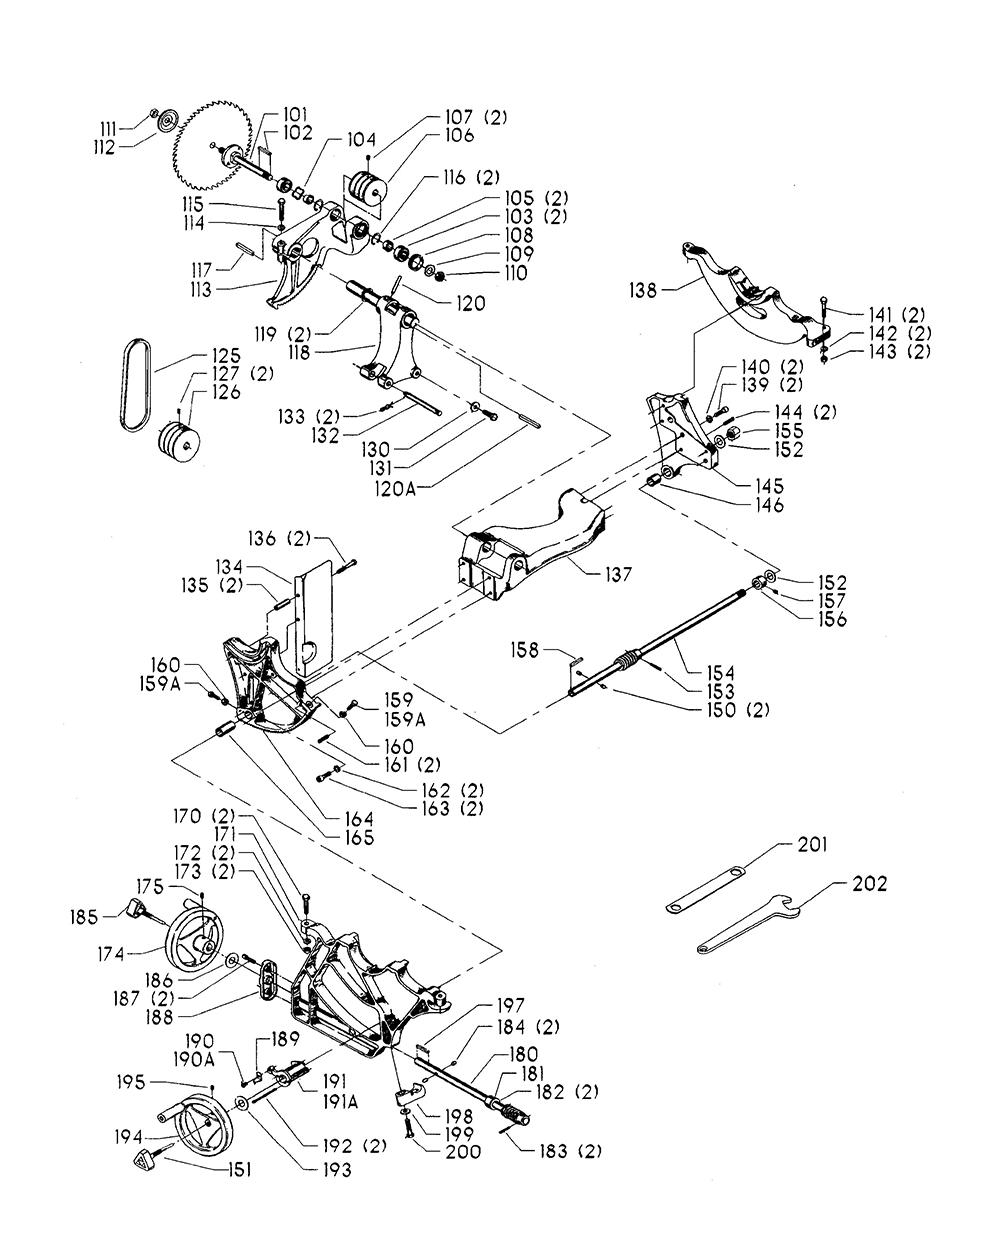 34-764-T3-Delta-PB-1Break Down